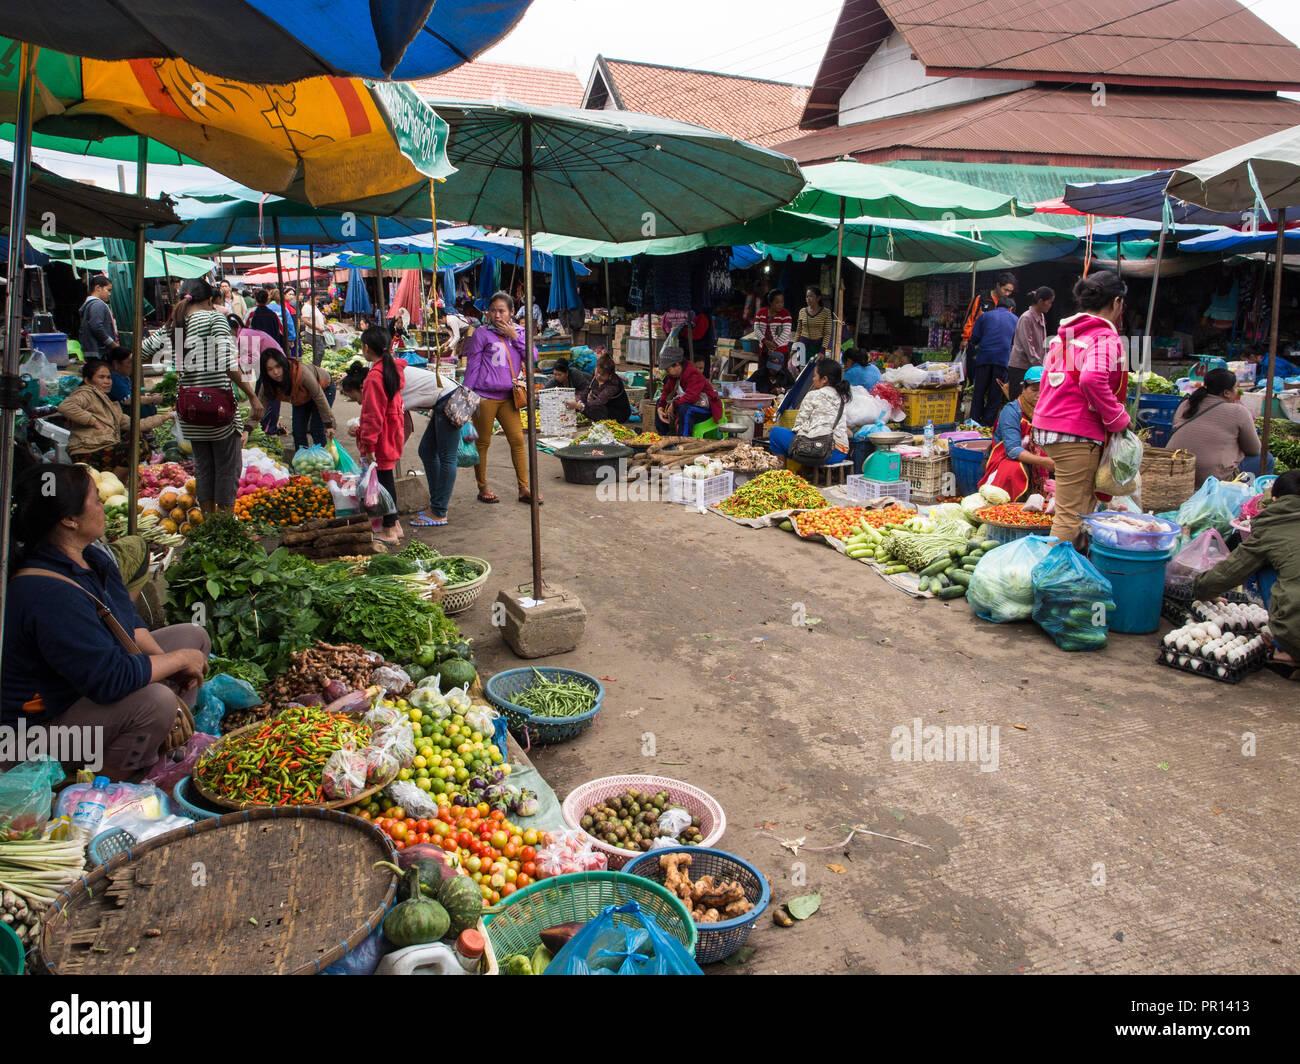 Mercado exterior central, Luang Prabang, Laos, Indochina, en el sudeste de Asia, Asia Imagen De Stock